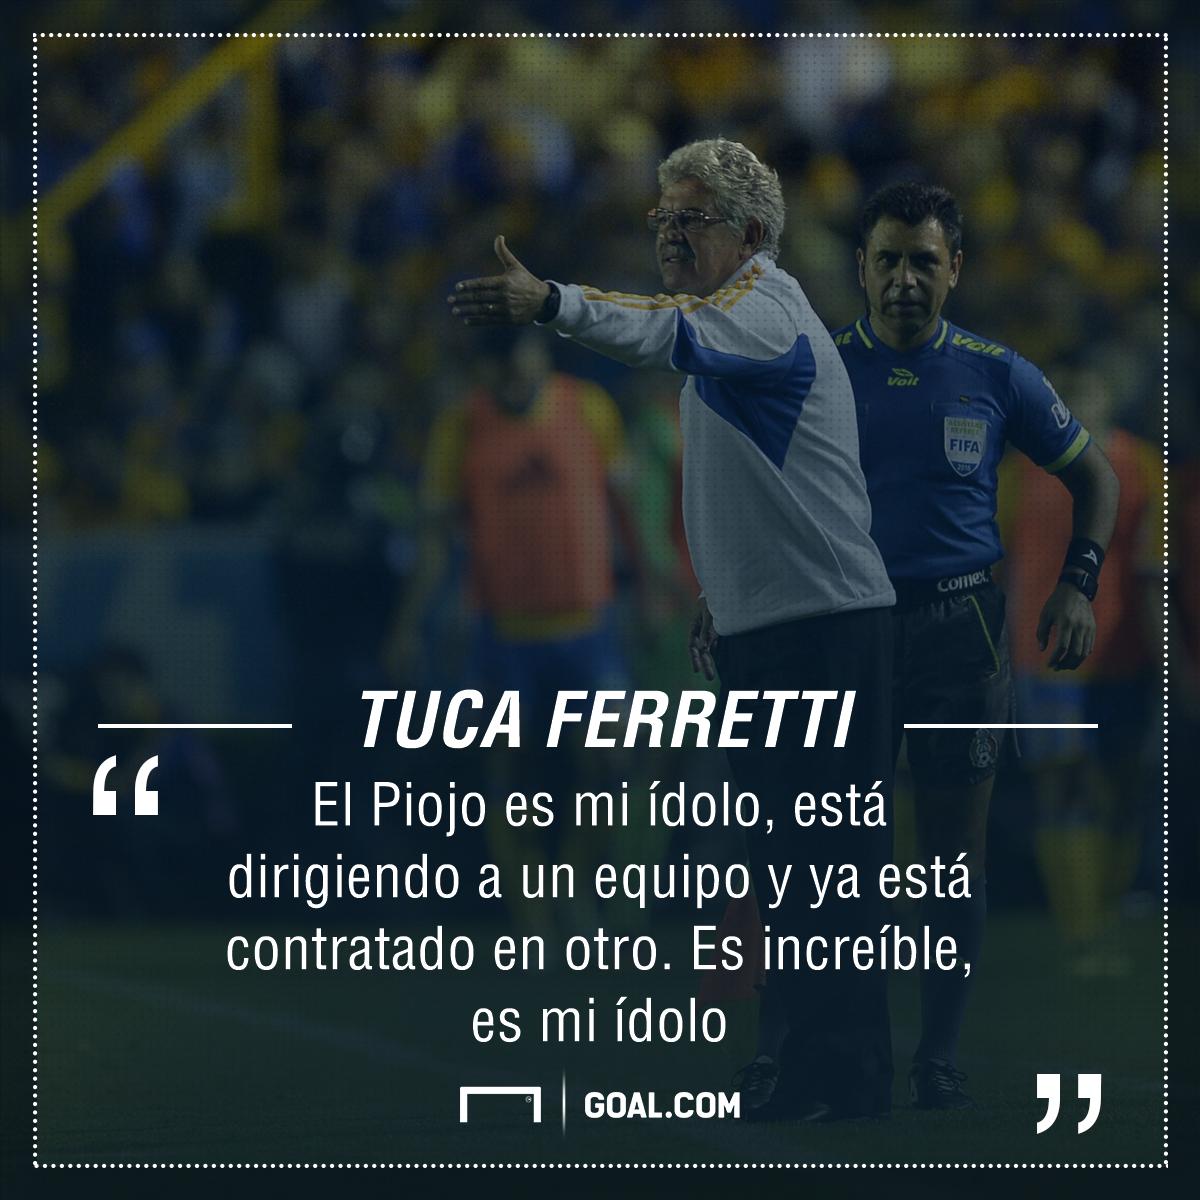 Tuca Ferretti asegura que